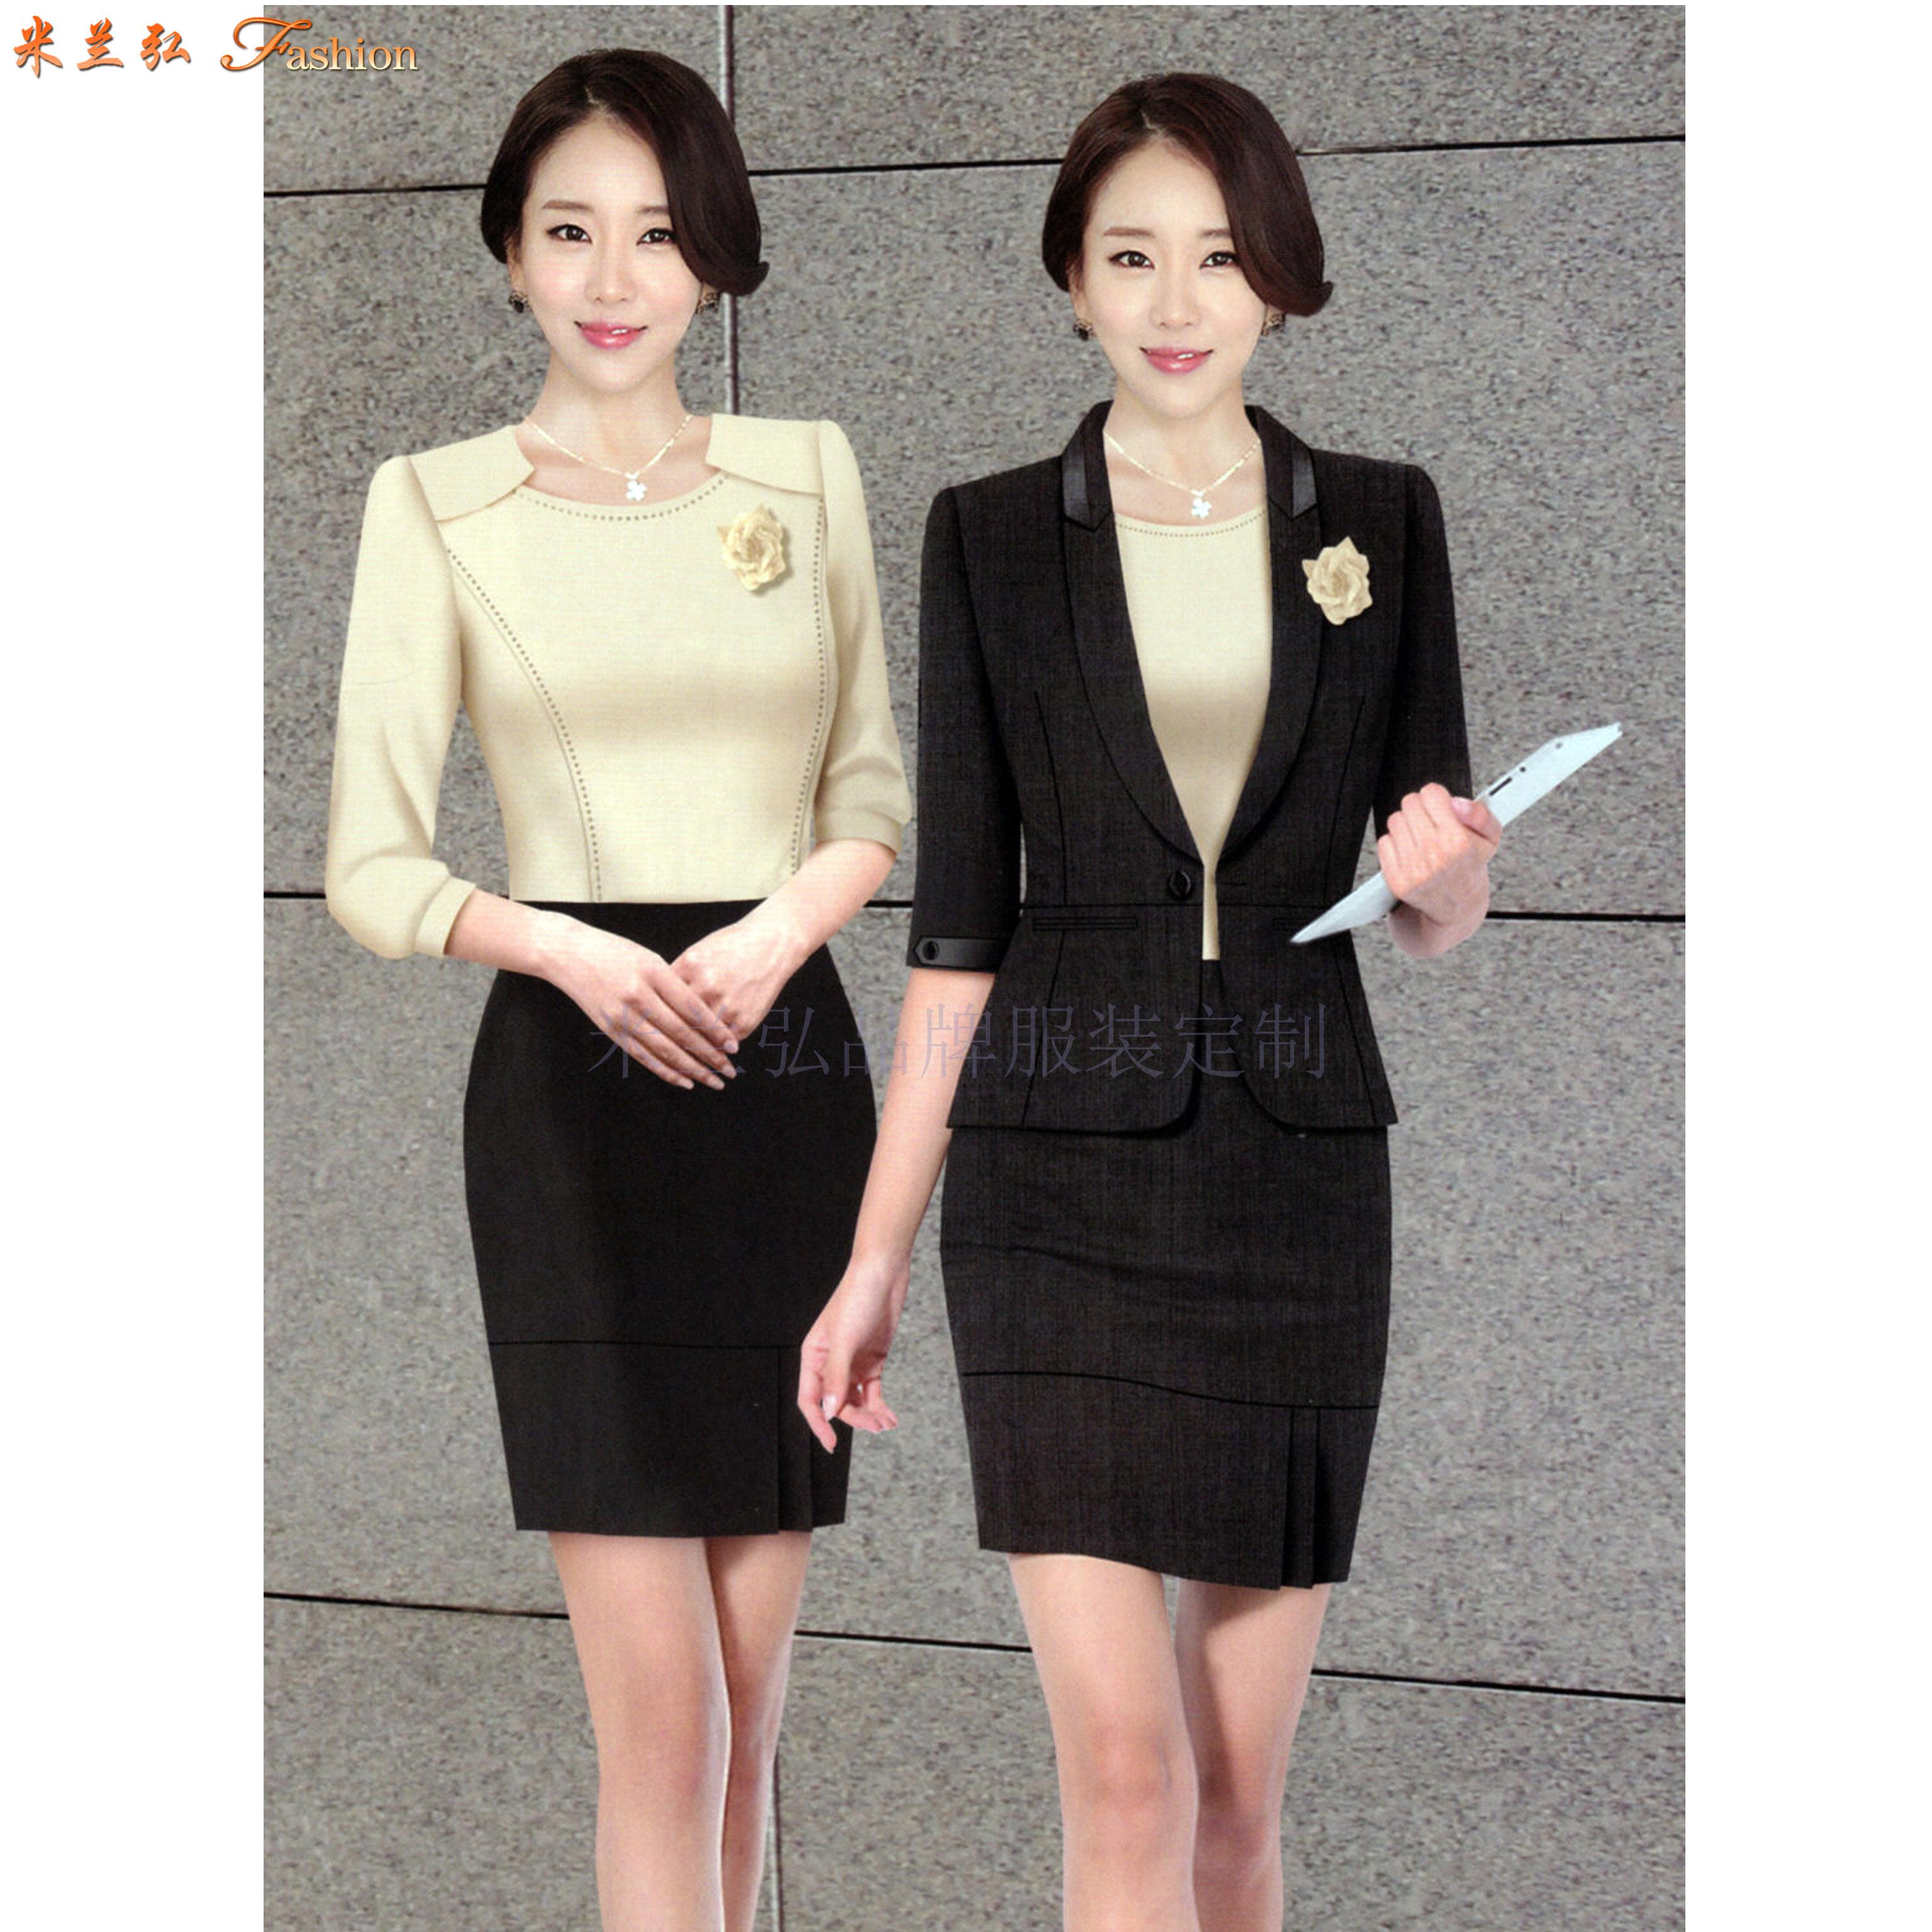 「聊城市職業裝」聊城市量身定做OL女式職業裝-米蘭弘服裝-3